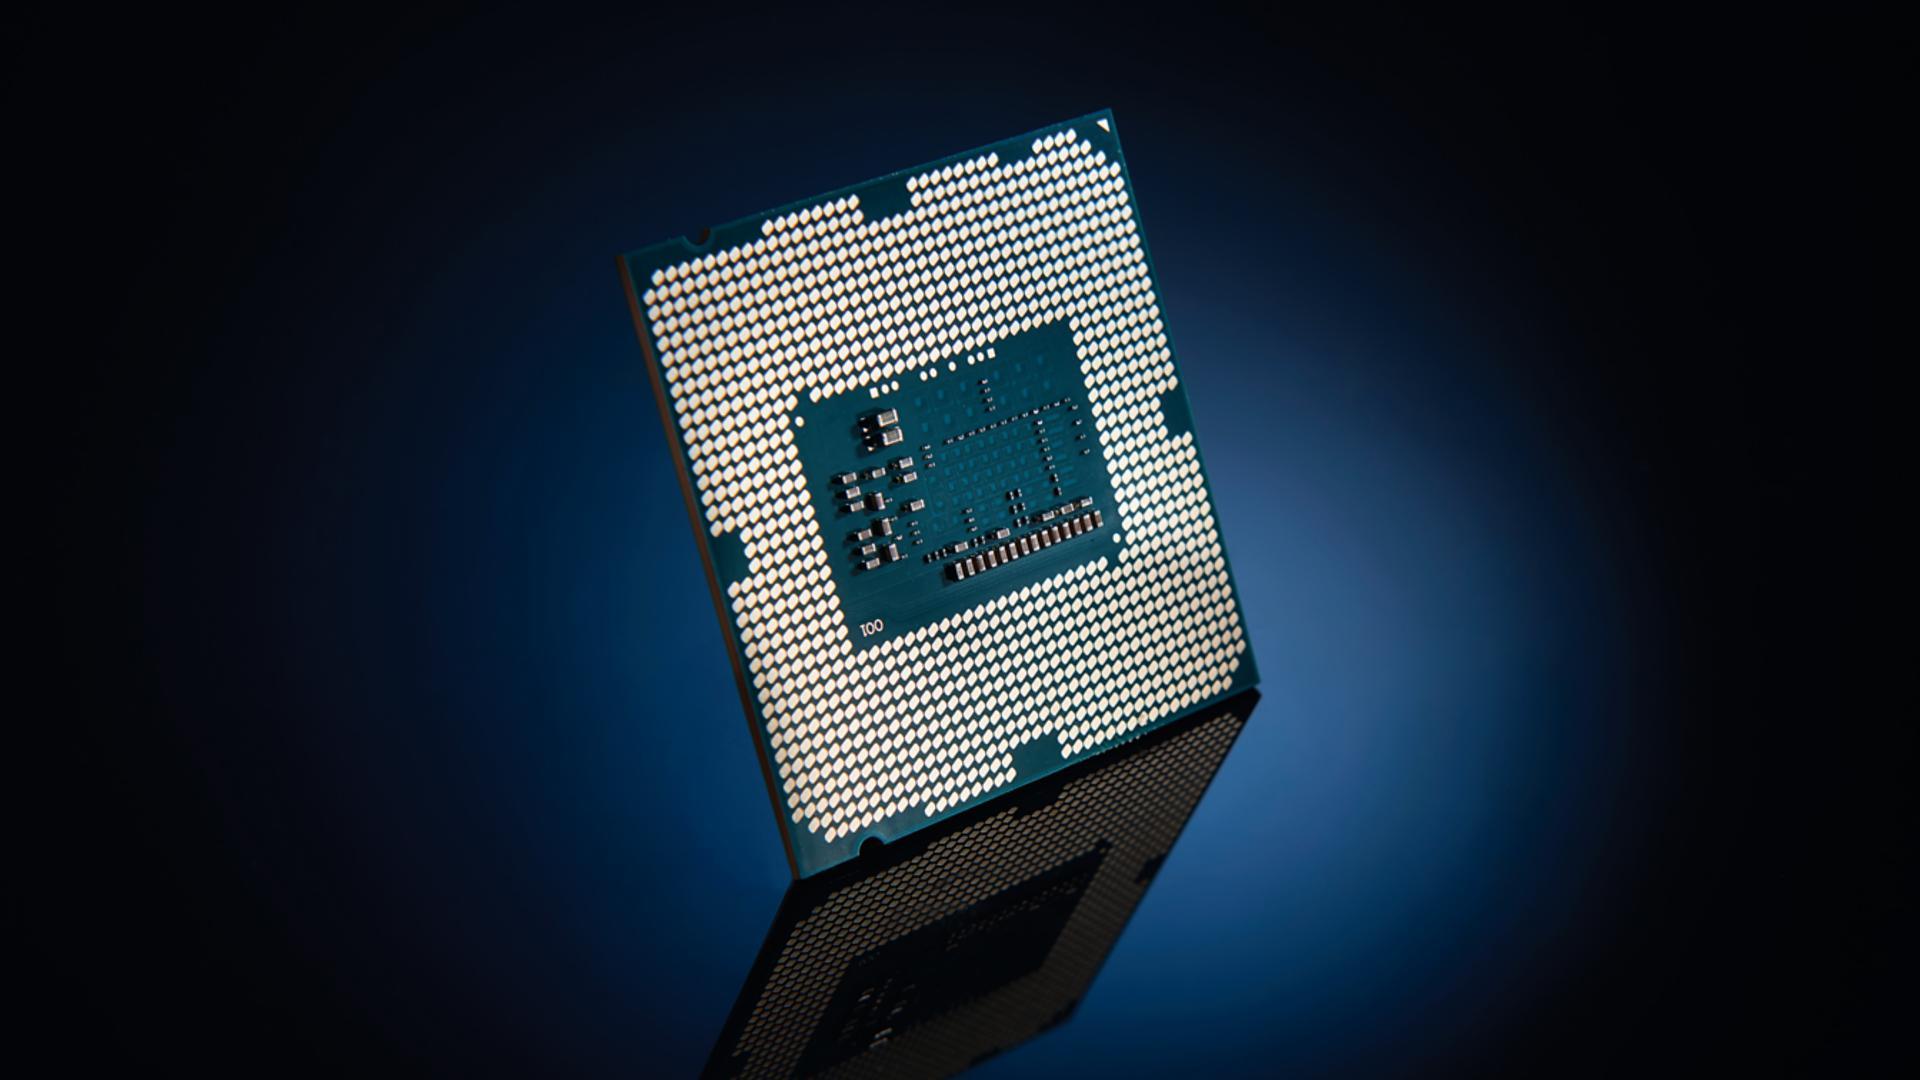 Gerücht: Intels 10nm Willow Cove CPU sollen 25% IPC-Steigerung gegenüber Skylake CPUs bringen, Golden Cove 50%  und Ocean Cove in 7 nm sogar satte 80%